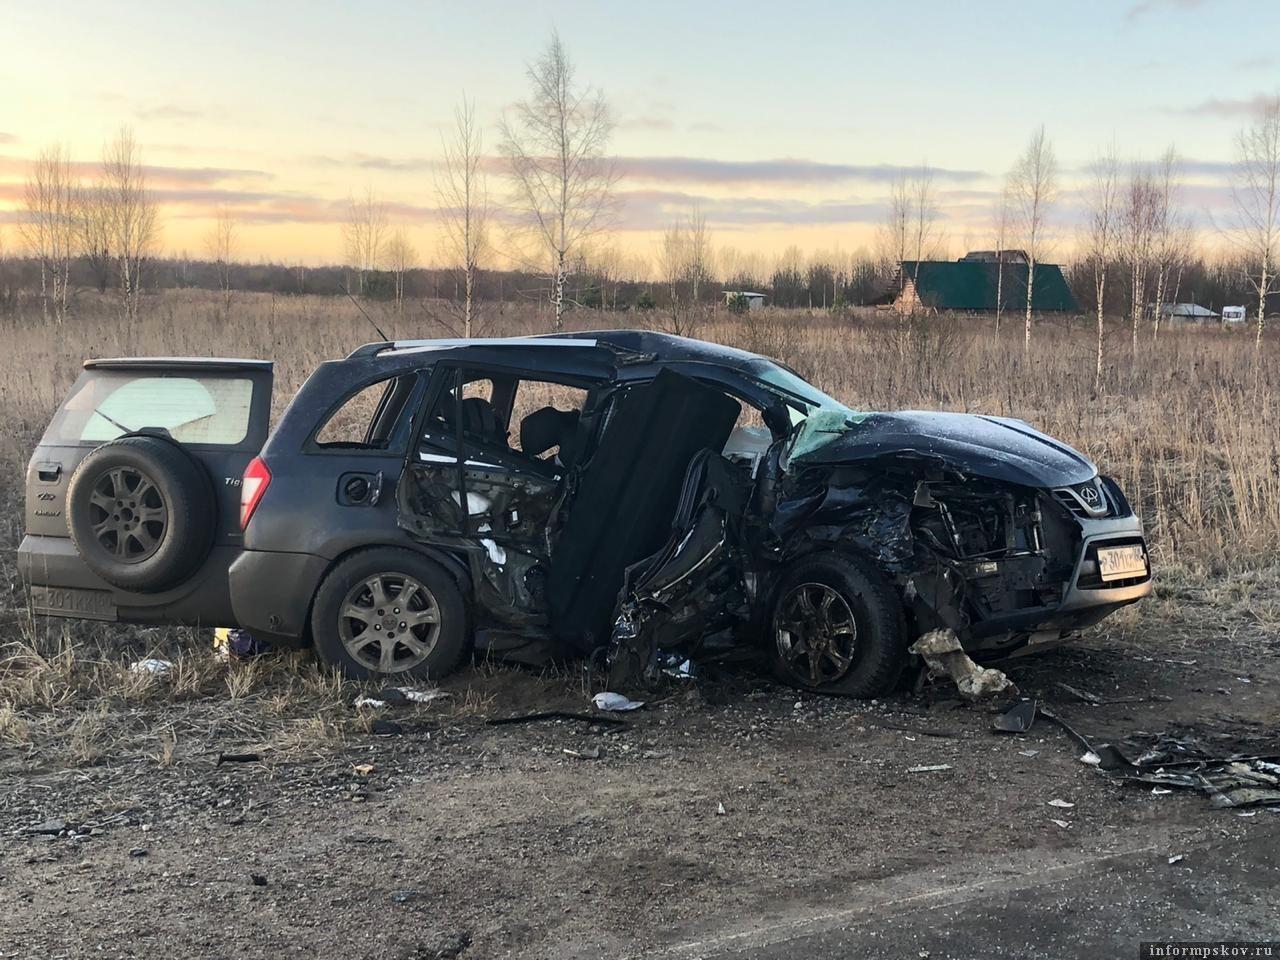 Четыре человека погибли 13 января в ДТП в Псковском районе - водители и пассажирка попавших в аварию автомобилей, а также бросившийся им на помощь очевидец, мужчину сбила проезжавшая мимо машина. Фото: пресс-служба УМВД России по Псковской области.